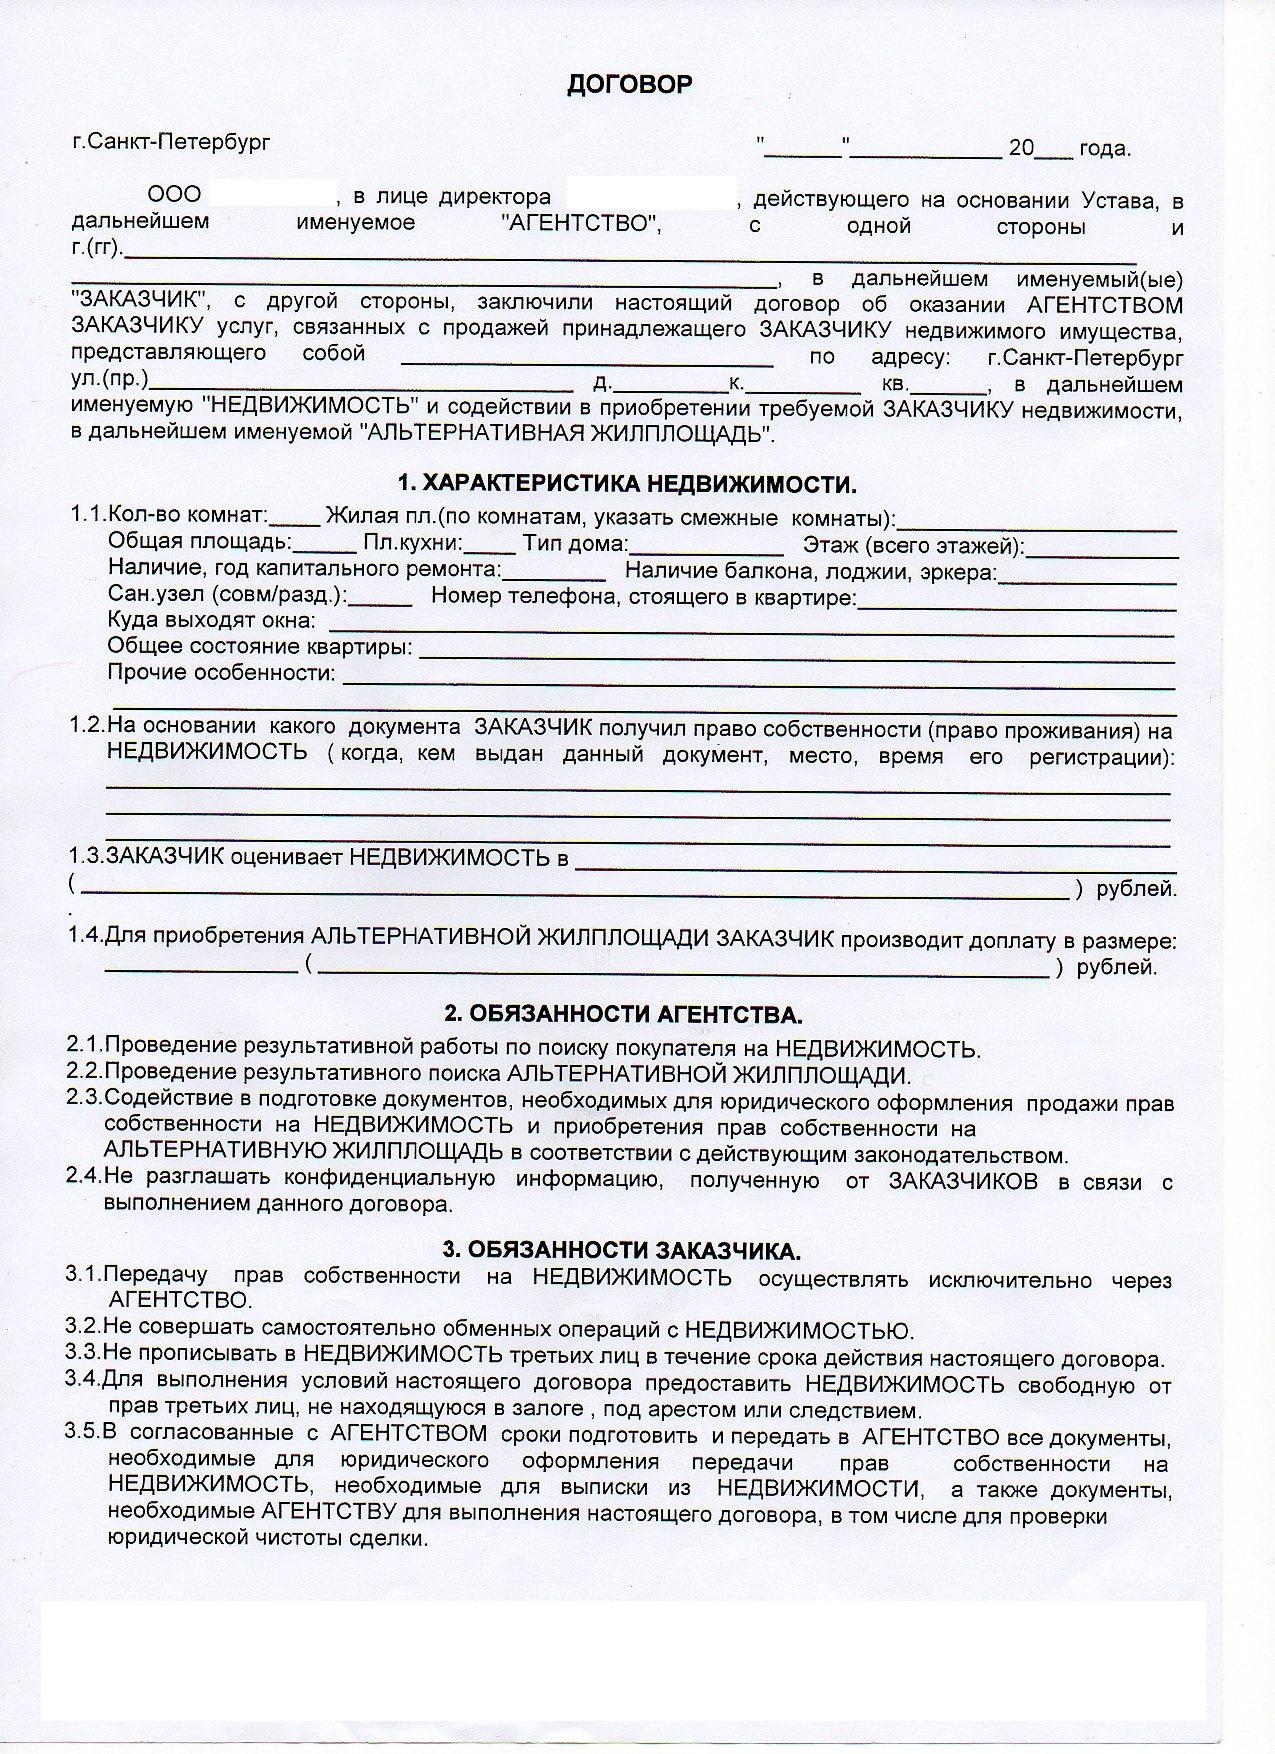 Пример агентского договора.